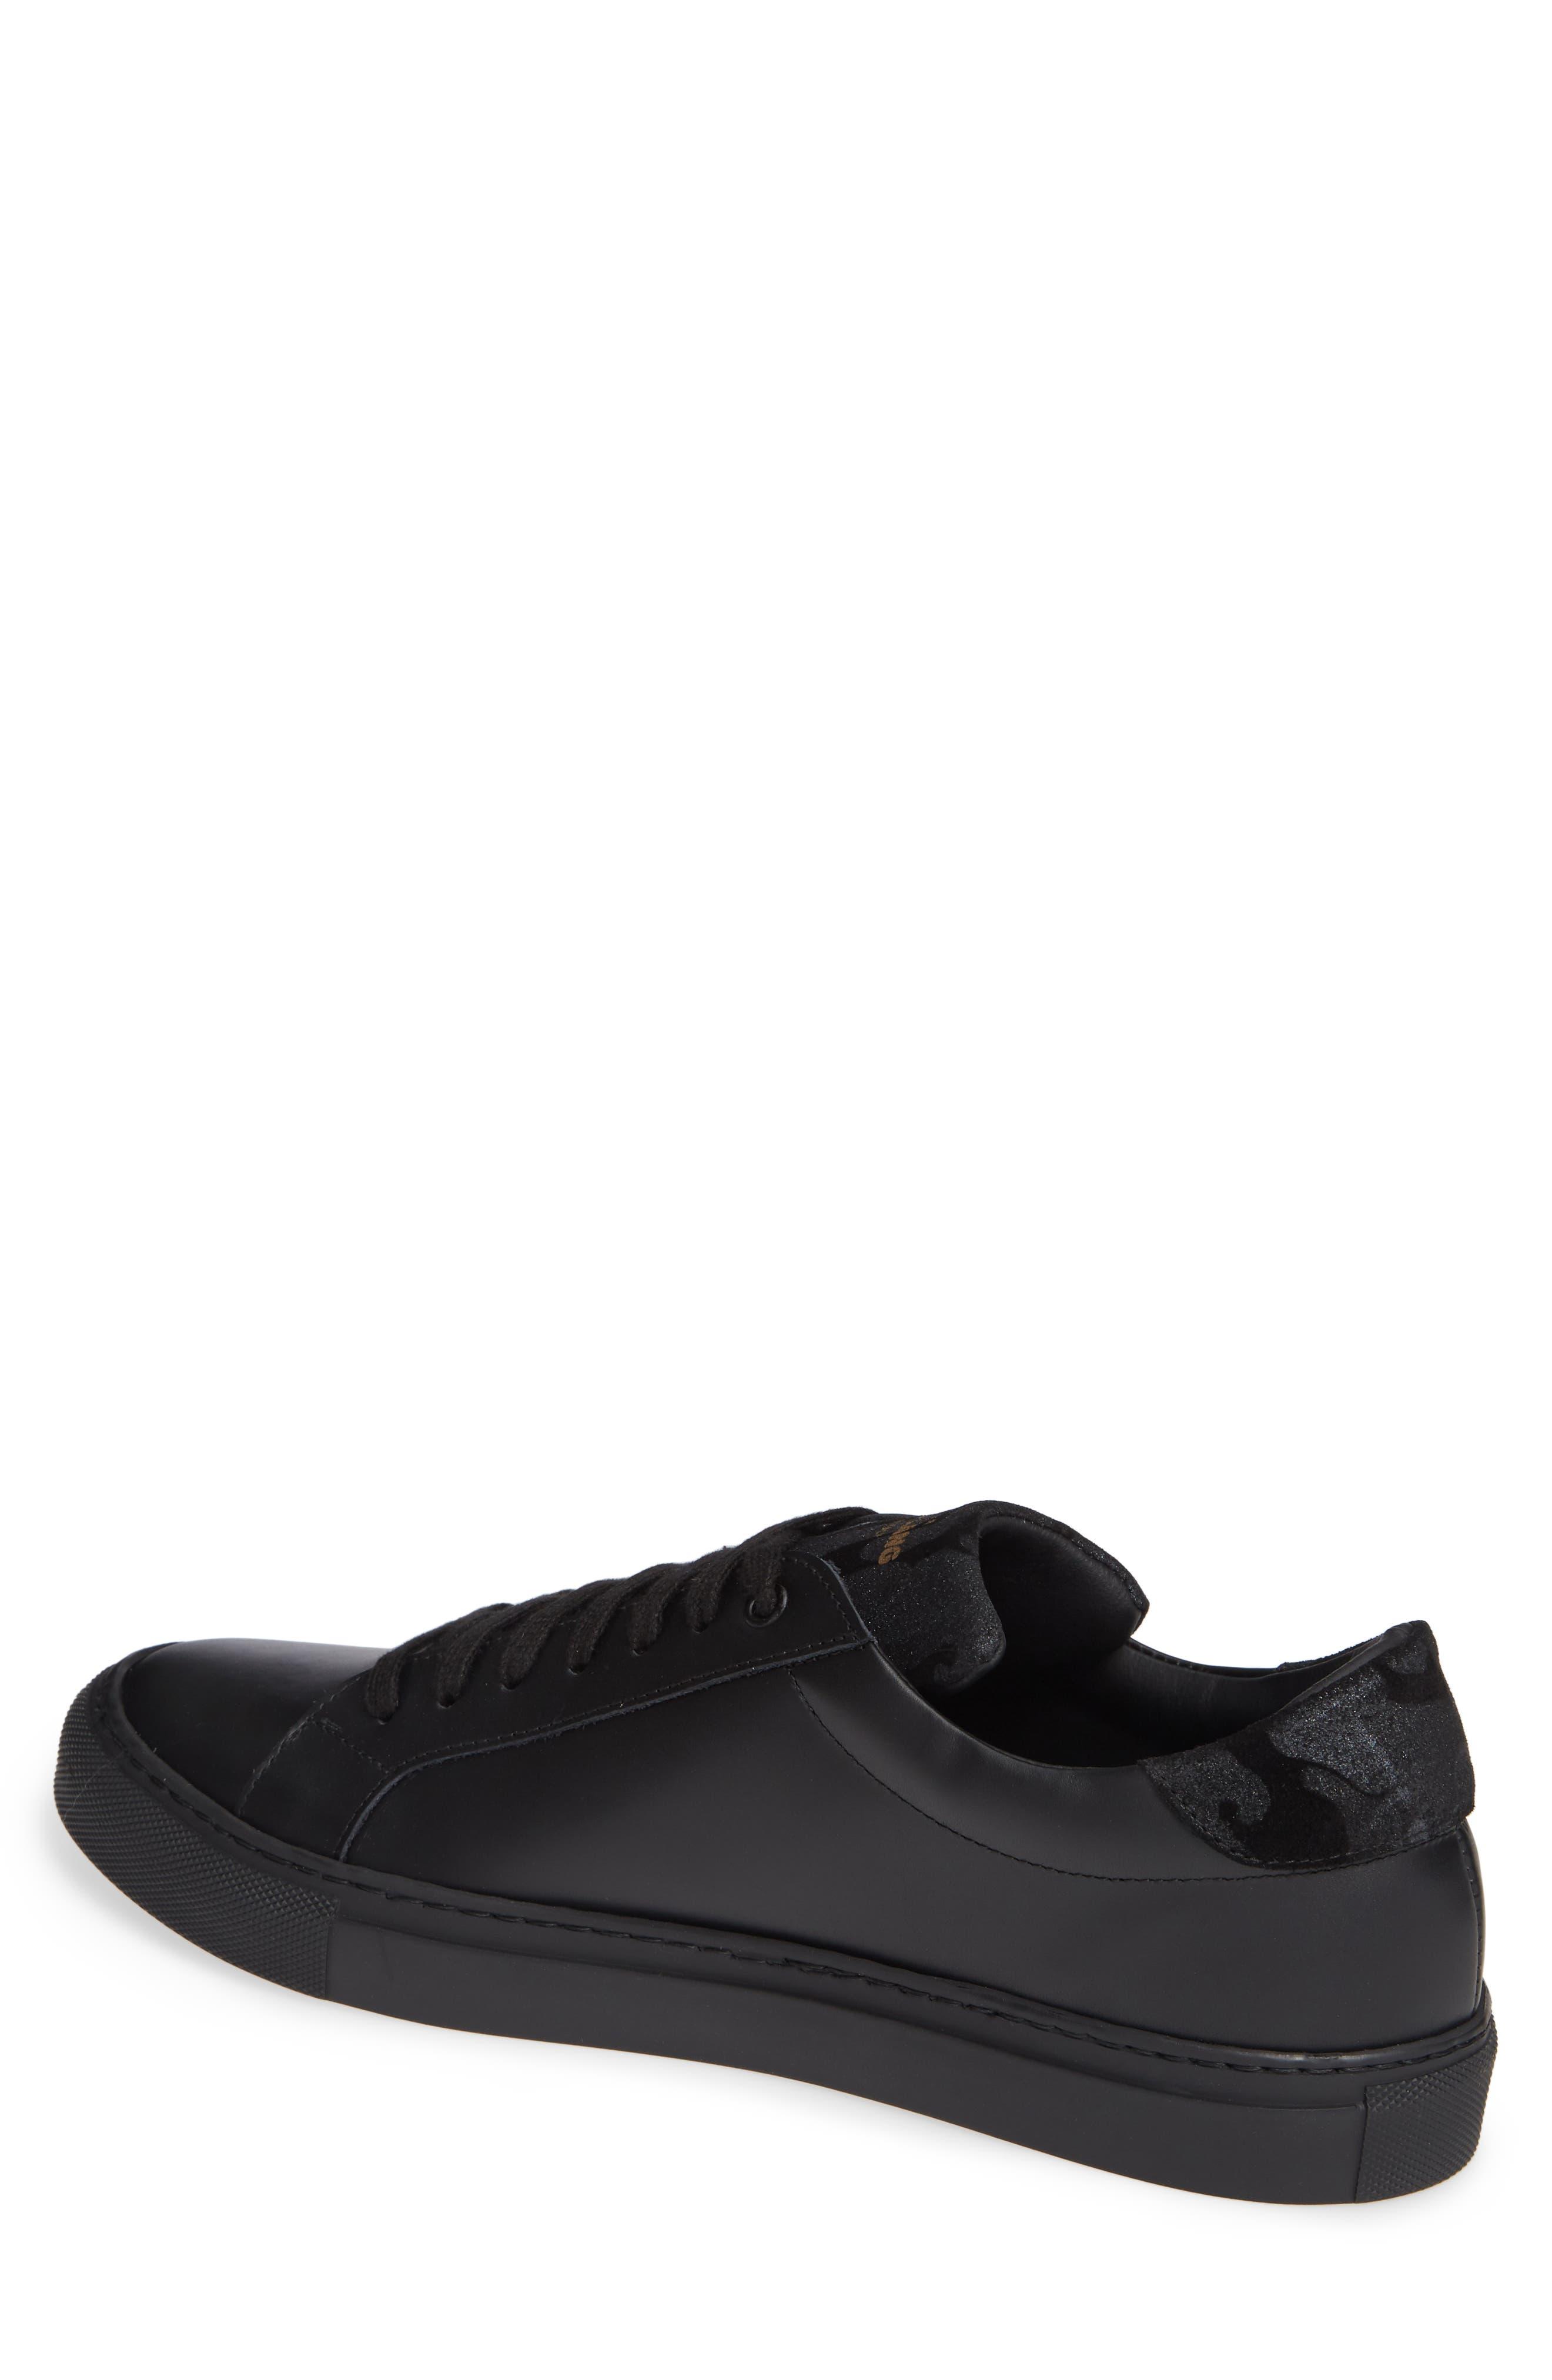 JARED LANG, Rome Sneaker, Alternate thumbnail 2, color, BLACK